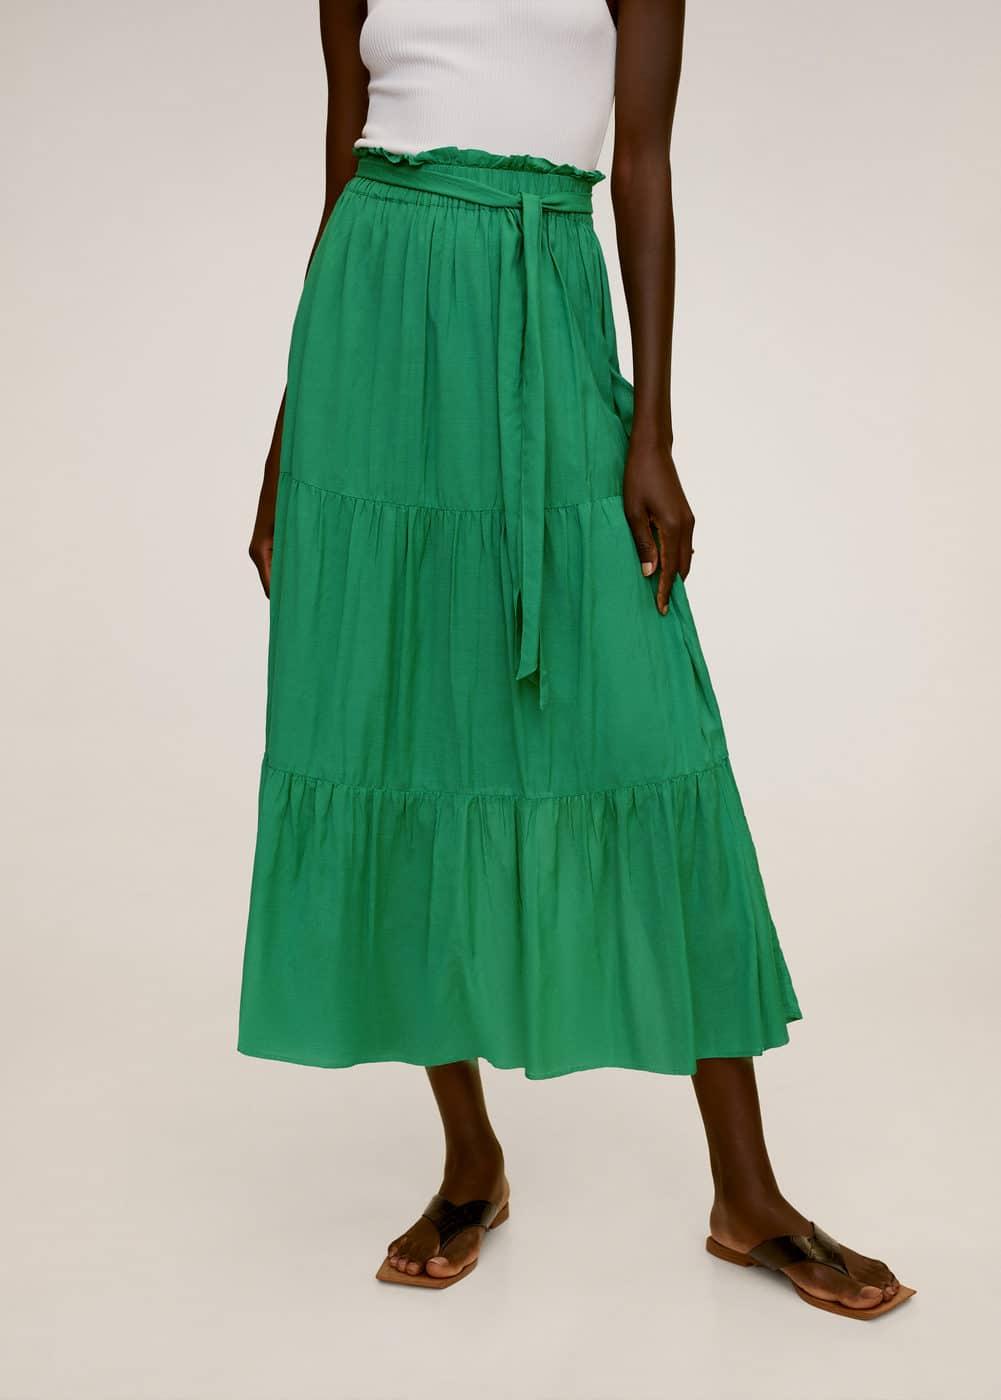 m-soli:falda midi lazo